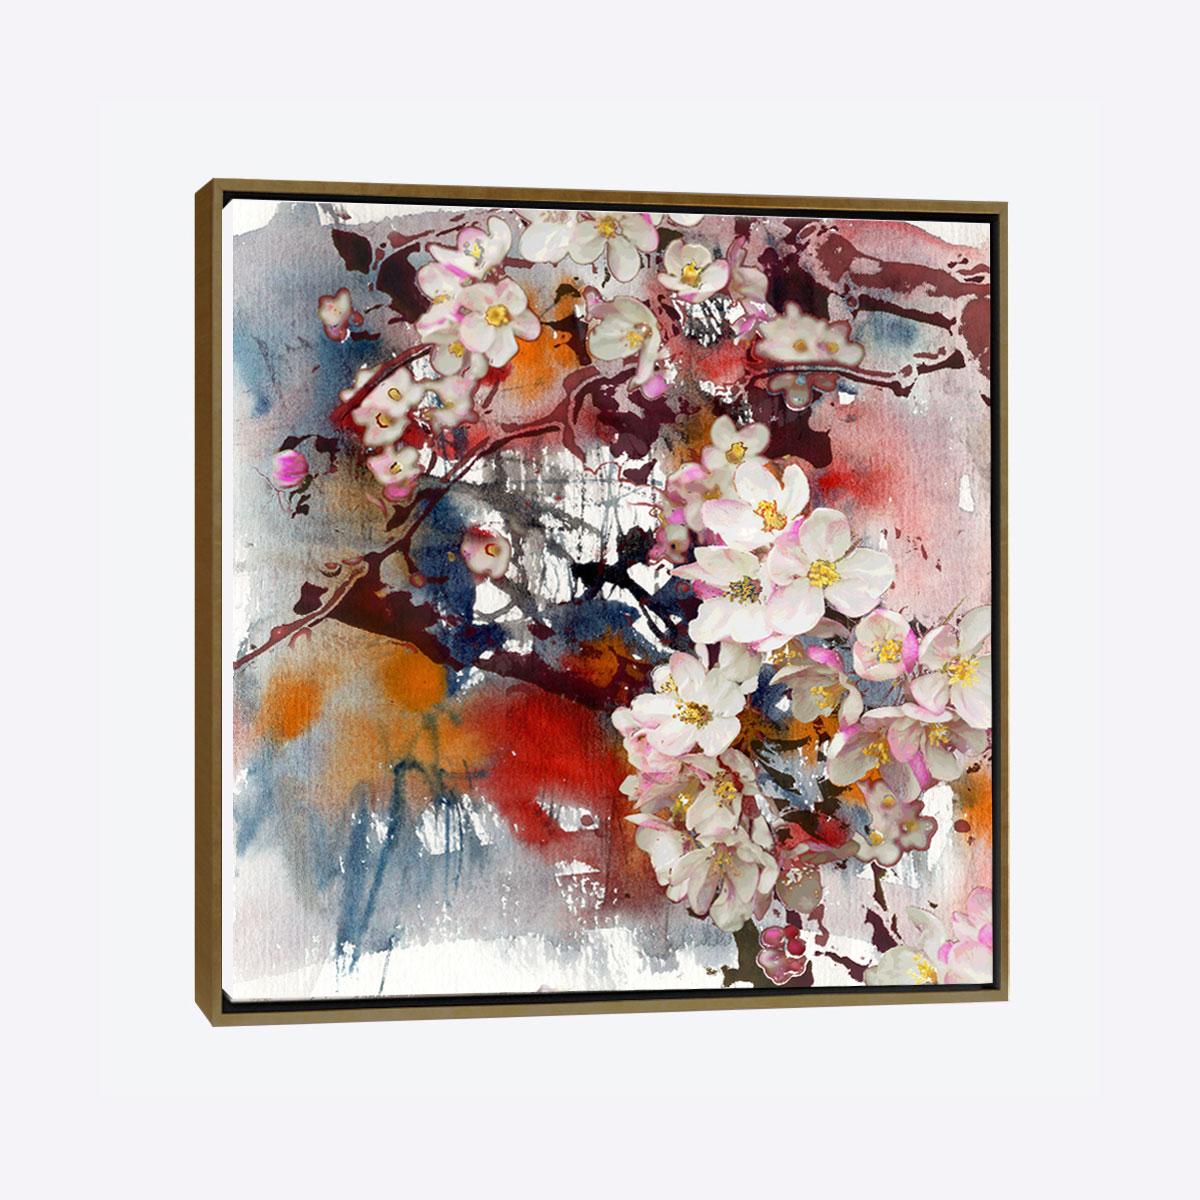 لوحات جدارية - أزهار غريبة - لوحات جدارية - لوحات فنية مميزة - لوحة حائط مفعمة بجمال تناثر الألوان المائية على كانفس مشدود عالي الجودة تعطي شعور السلام والفن الراقي مع بصمة الذوق الرفيع الذي يتناسب مع جميع أثاثكم